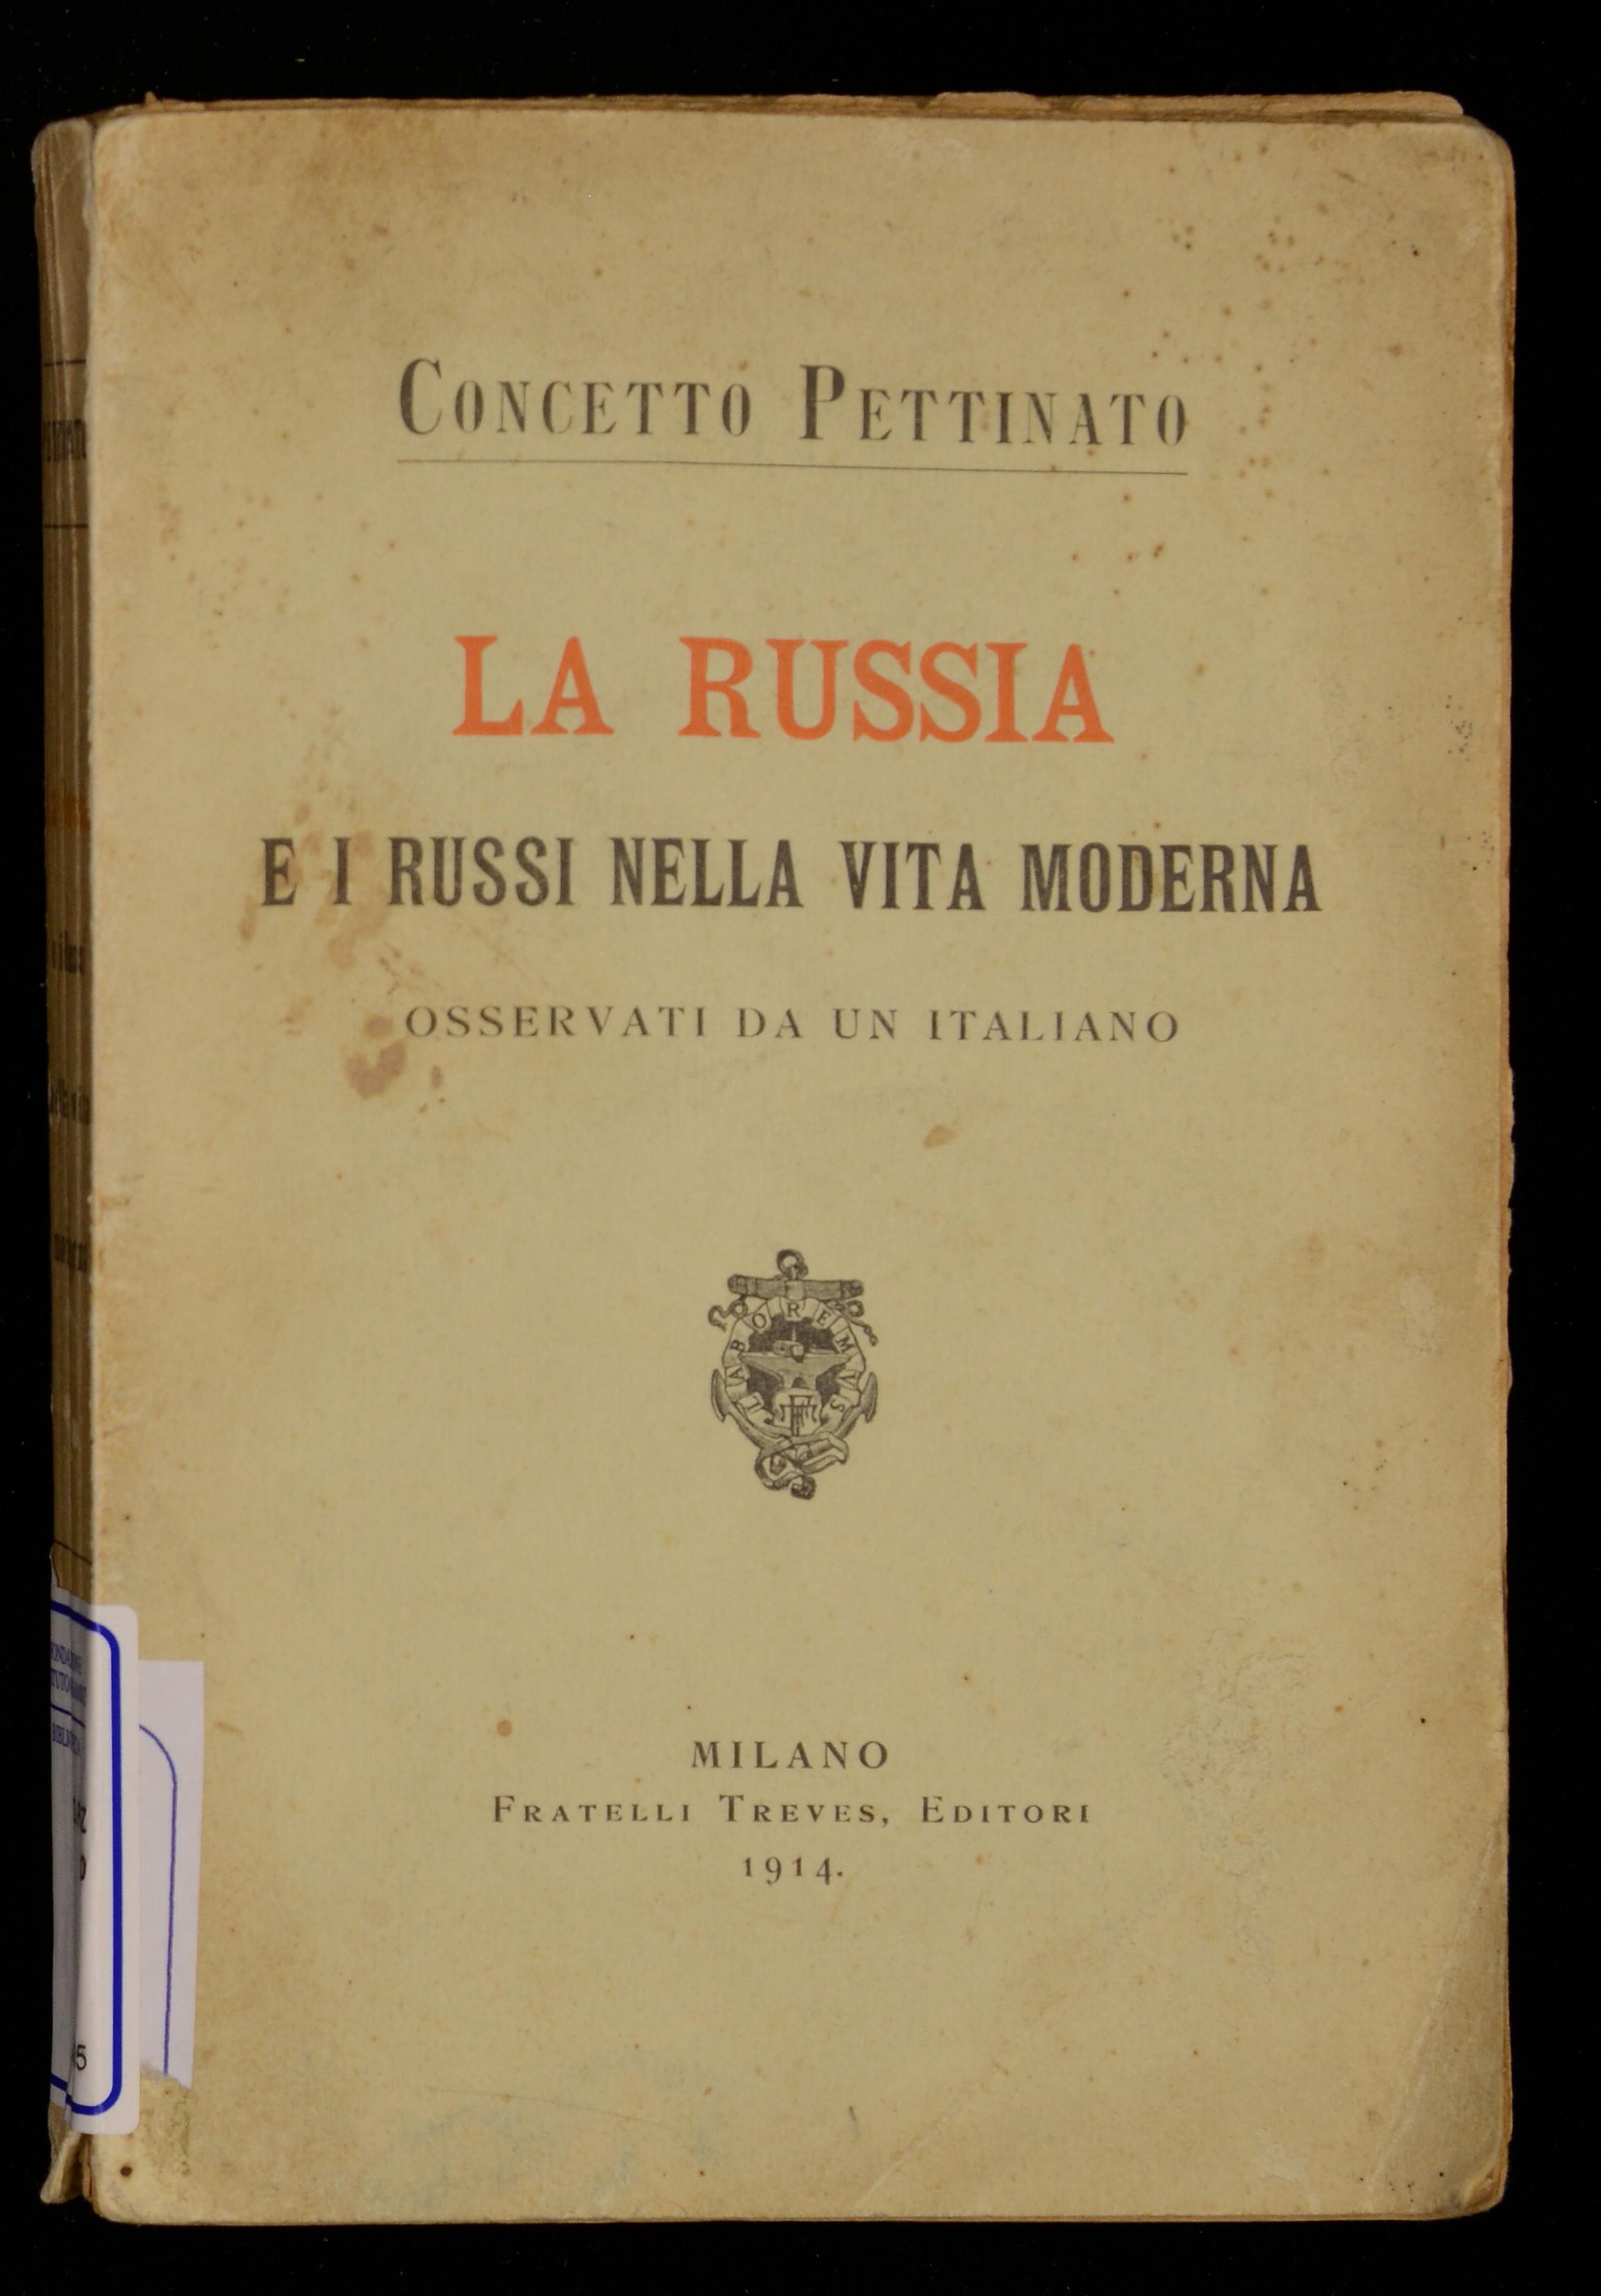 La Russia e i russi nella vita moderna osservati da un italiano